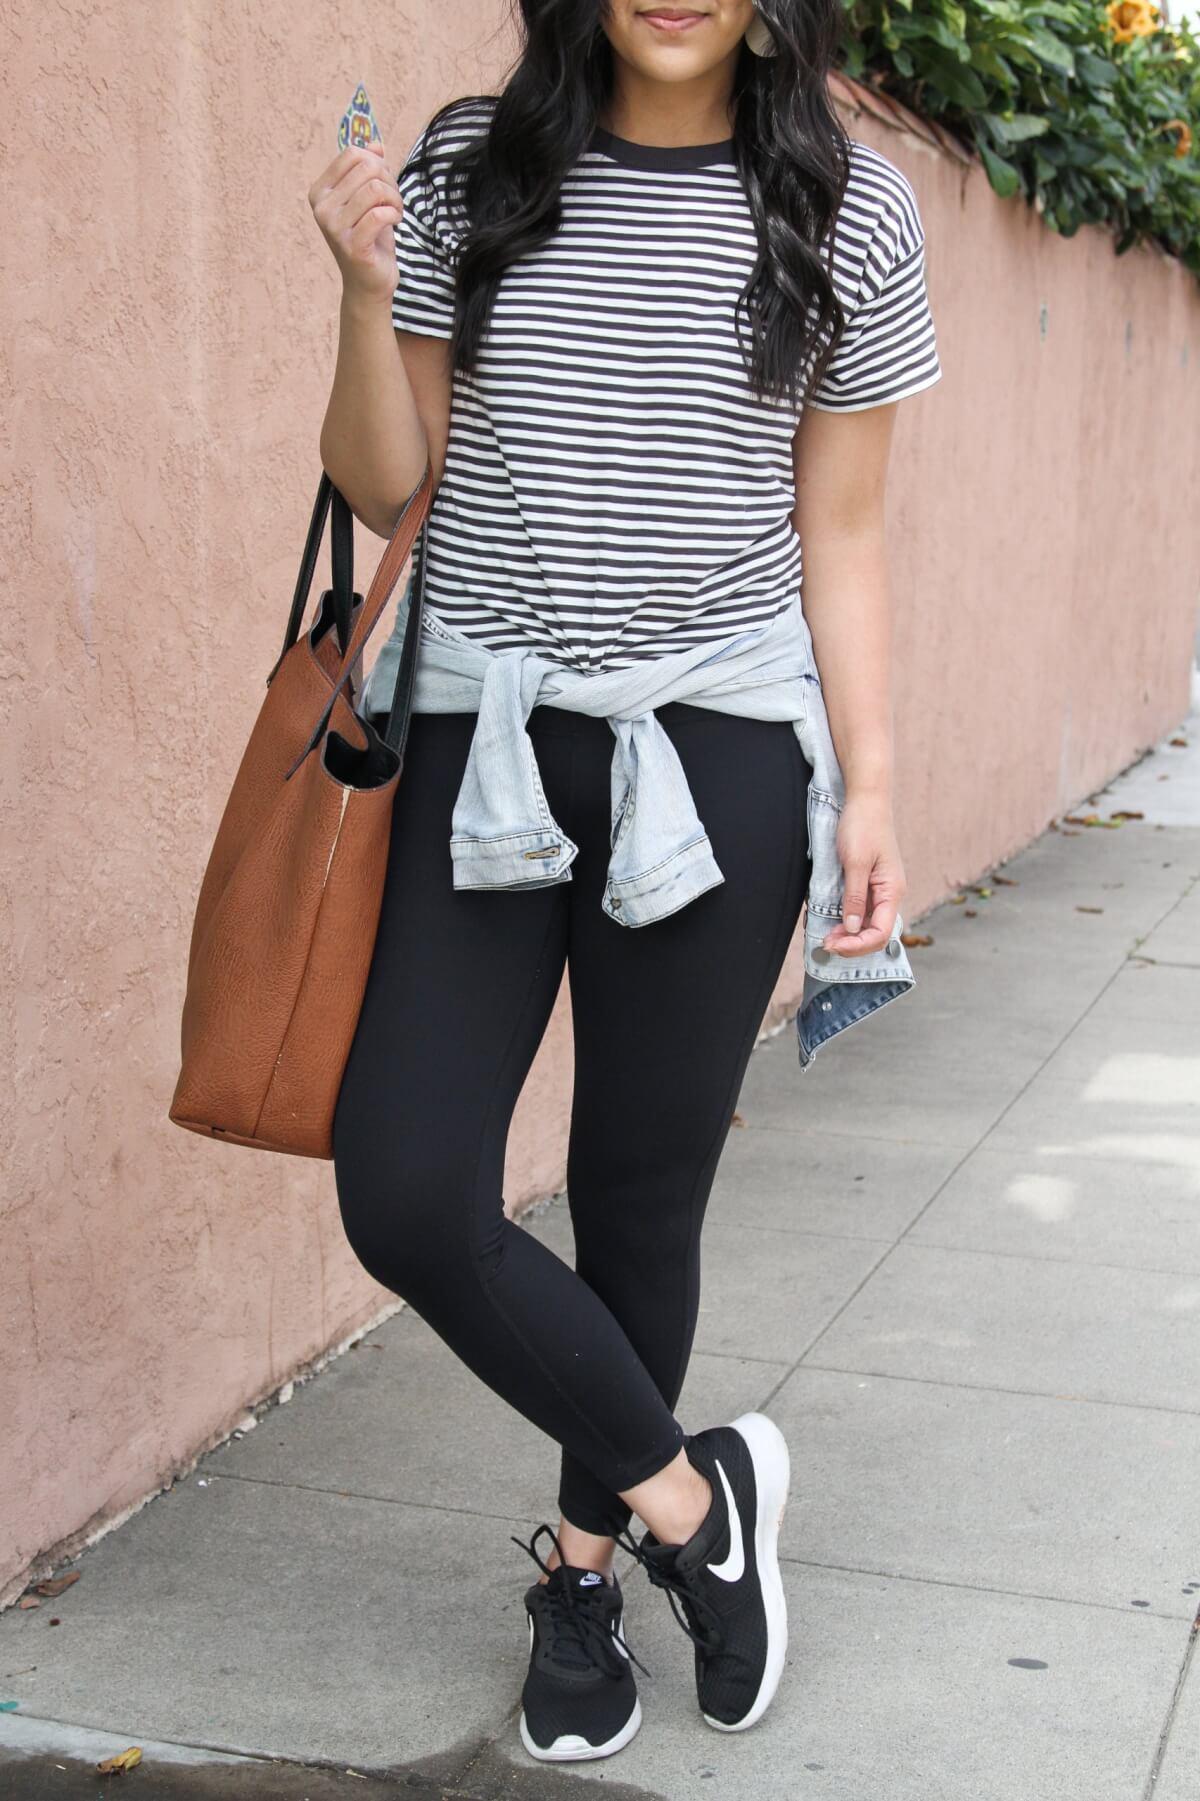 Athleisure Outfit: Madewell Damien black and white stripe tee + Zella Studio Lite black leggings + denim jacket + Nike black sneakers + brown tote close up